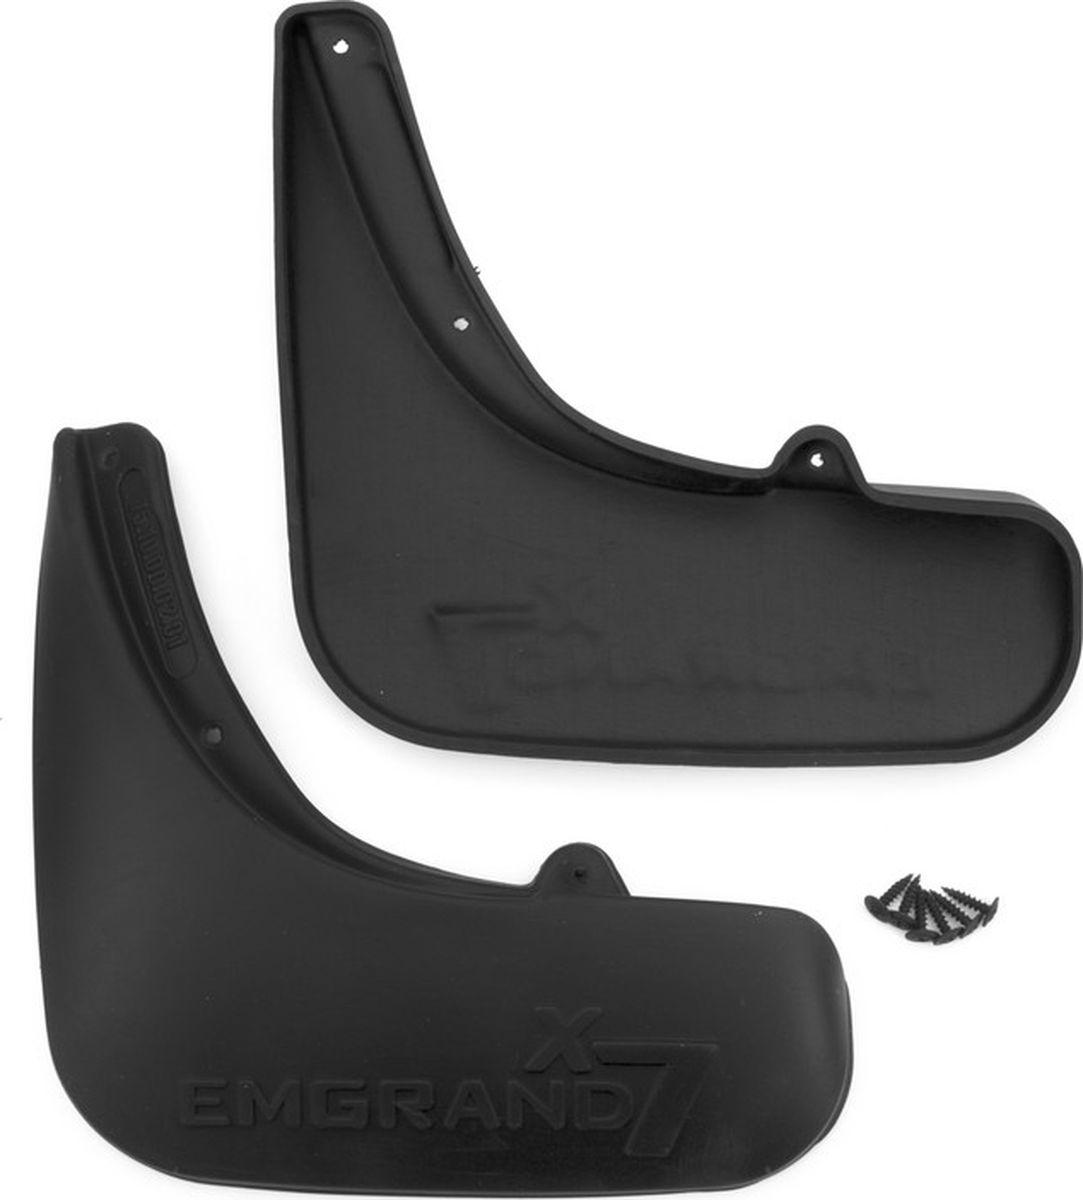 Фото - Комплект брызговиков задних Frosch для Geely Emgrand X7 внедорожник, 2013-, 2 шт комплект брызговиков передних frosch для geely emgrand ec 7 седан 2011 2 шт